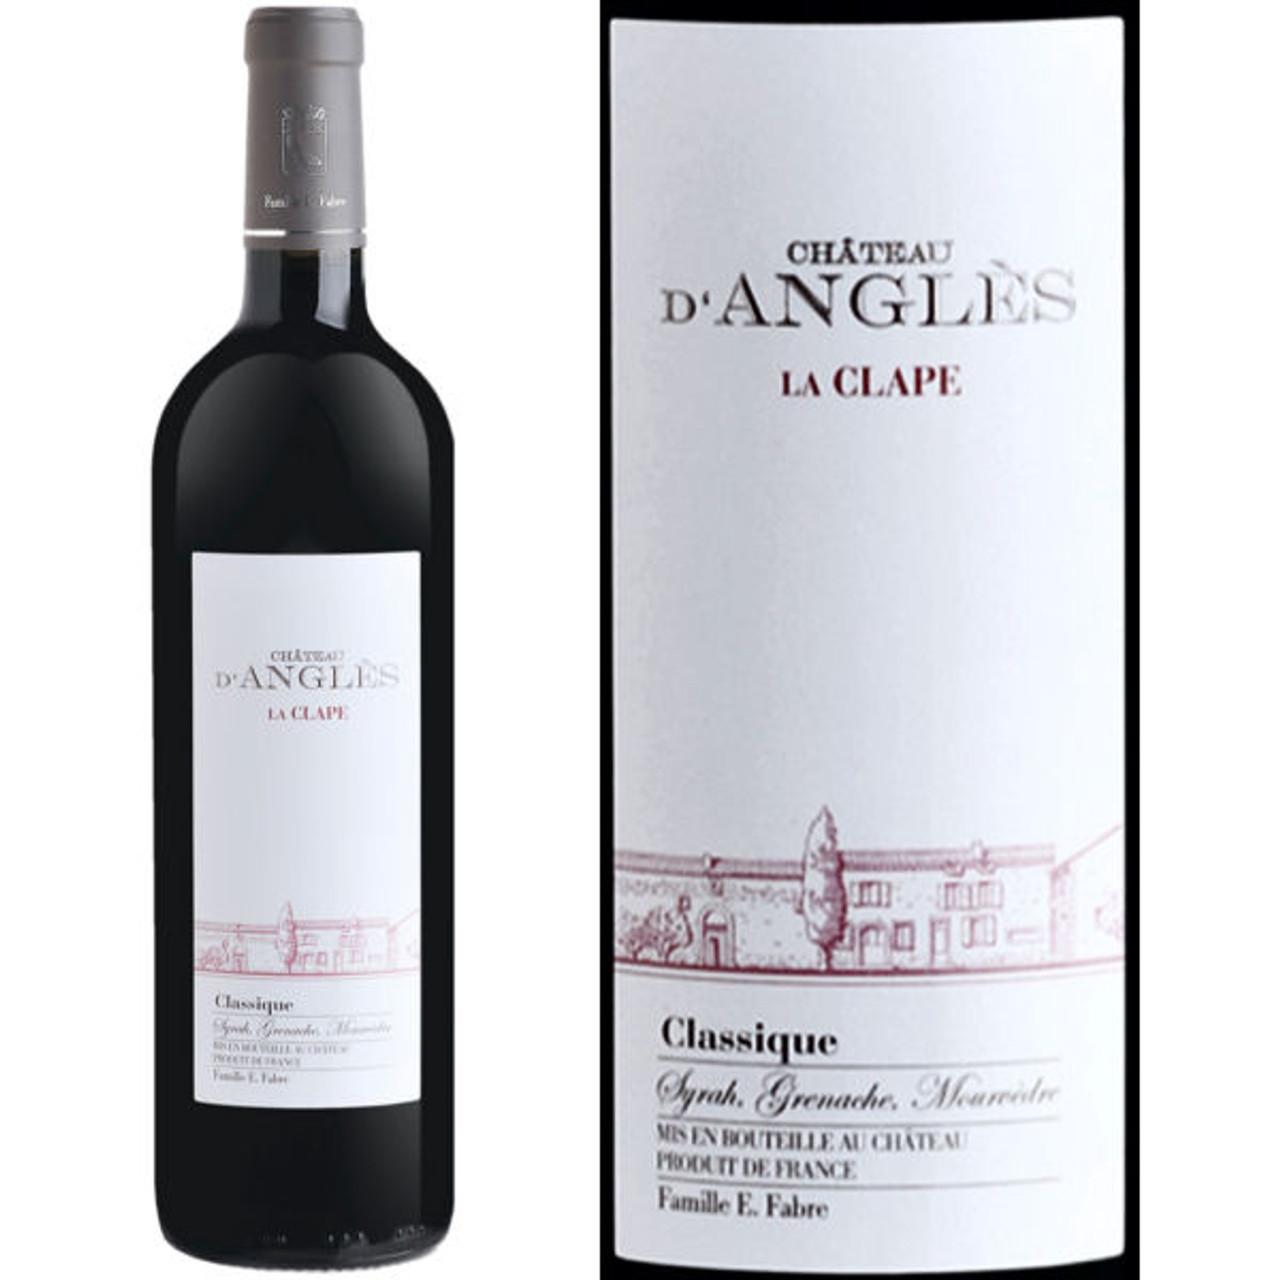 Chateau d'Angles La Clape Languedoc Classique Red